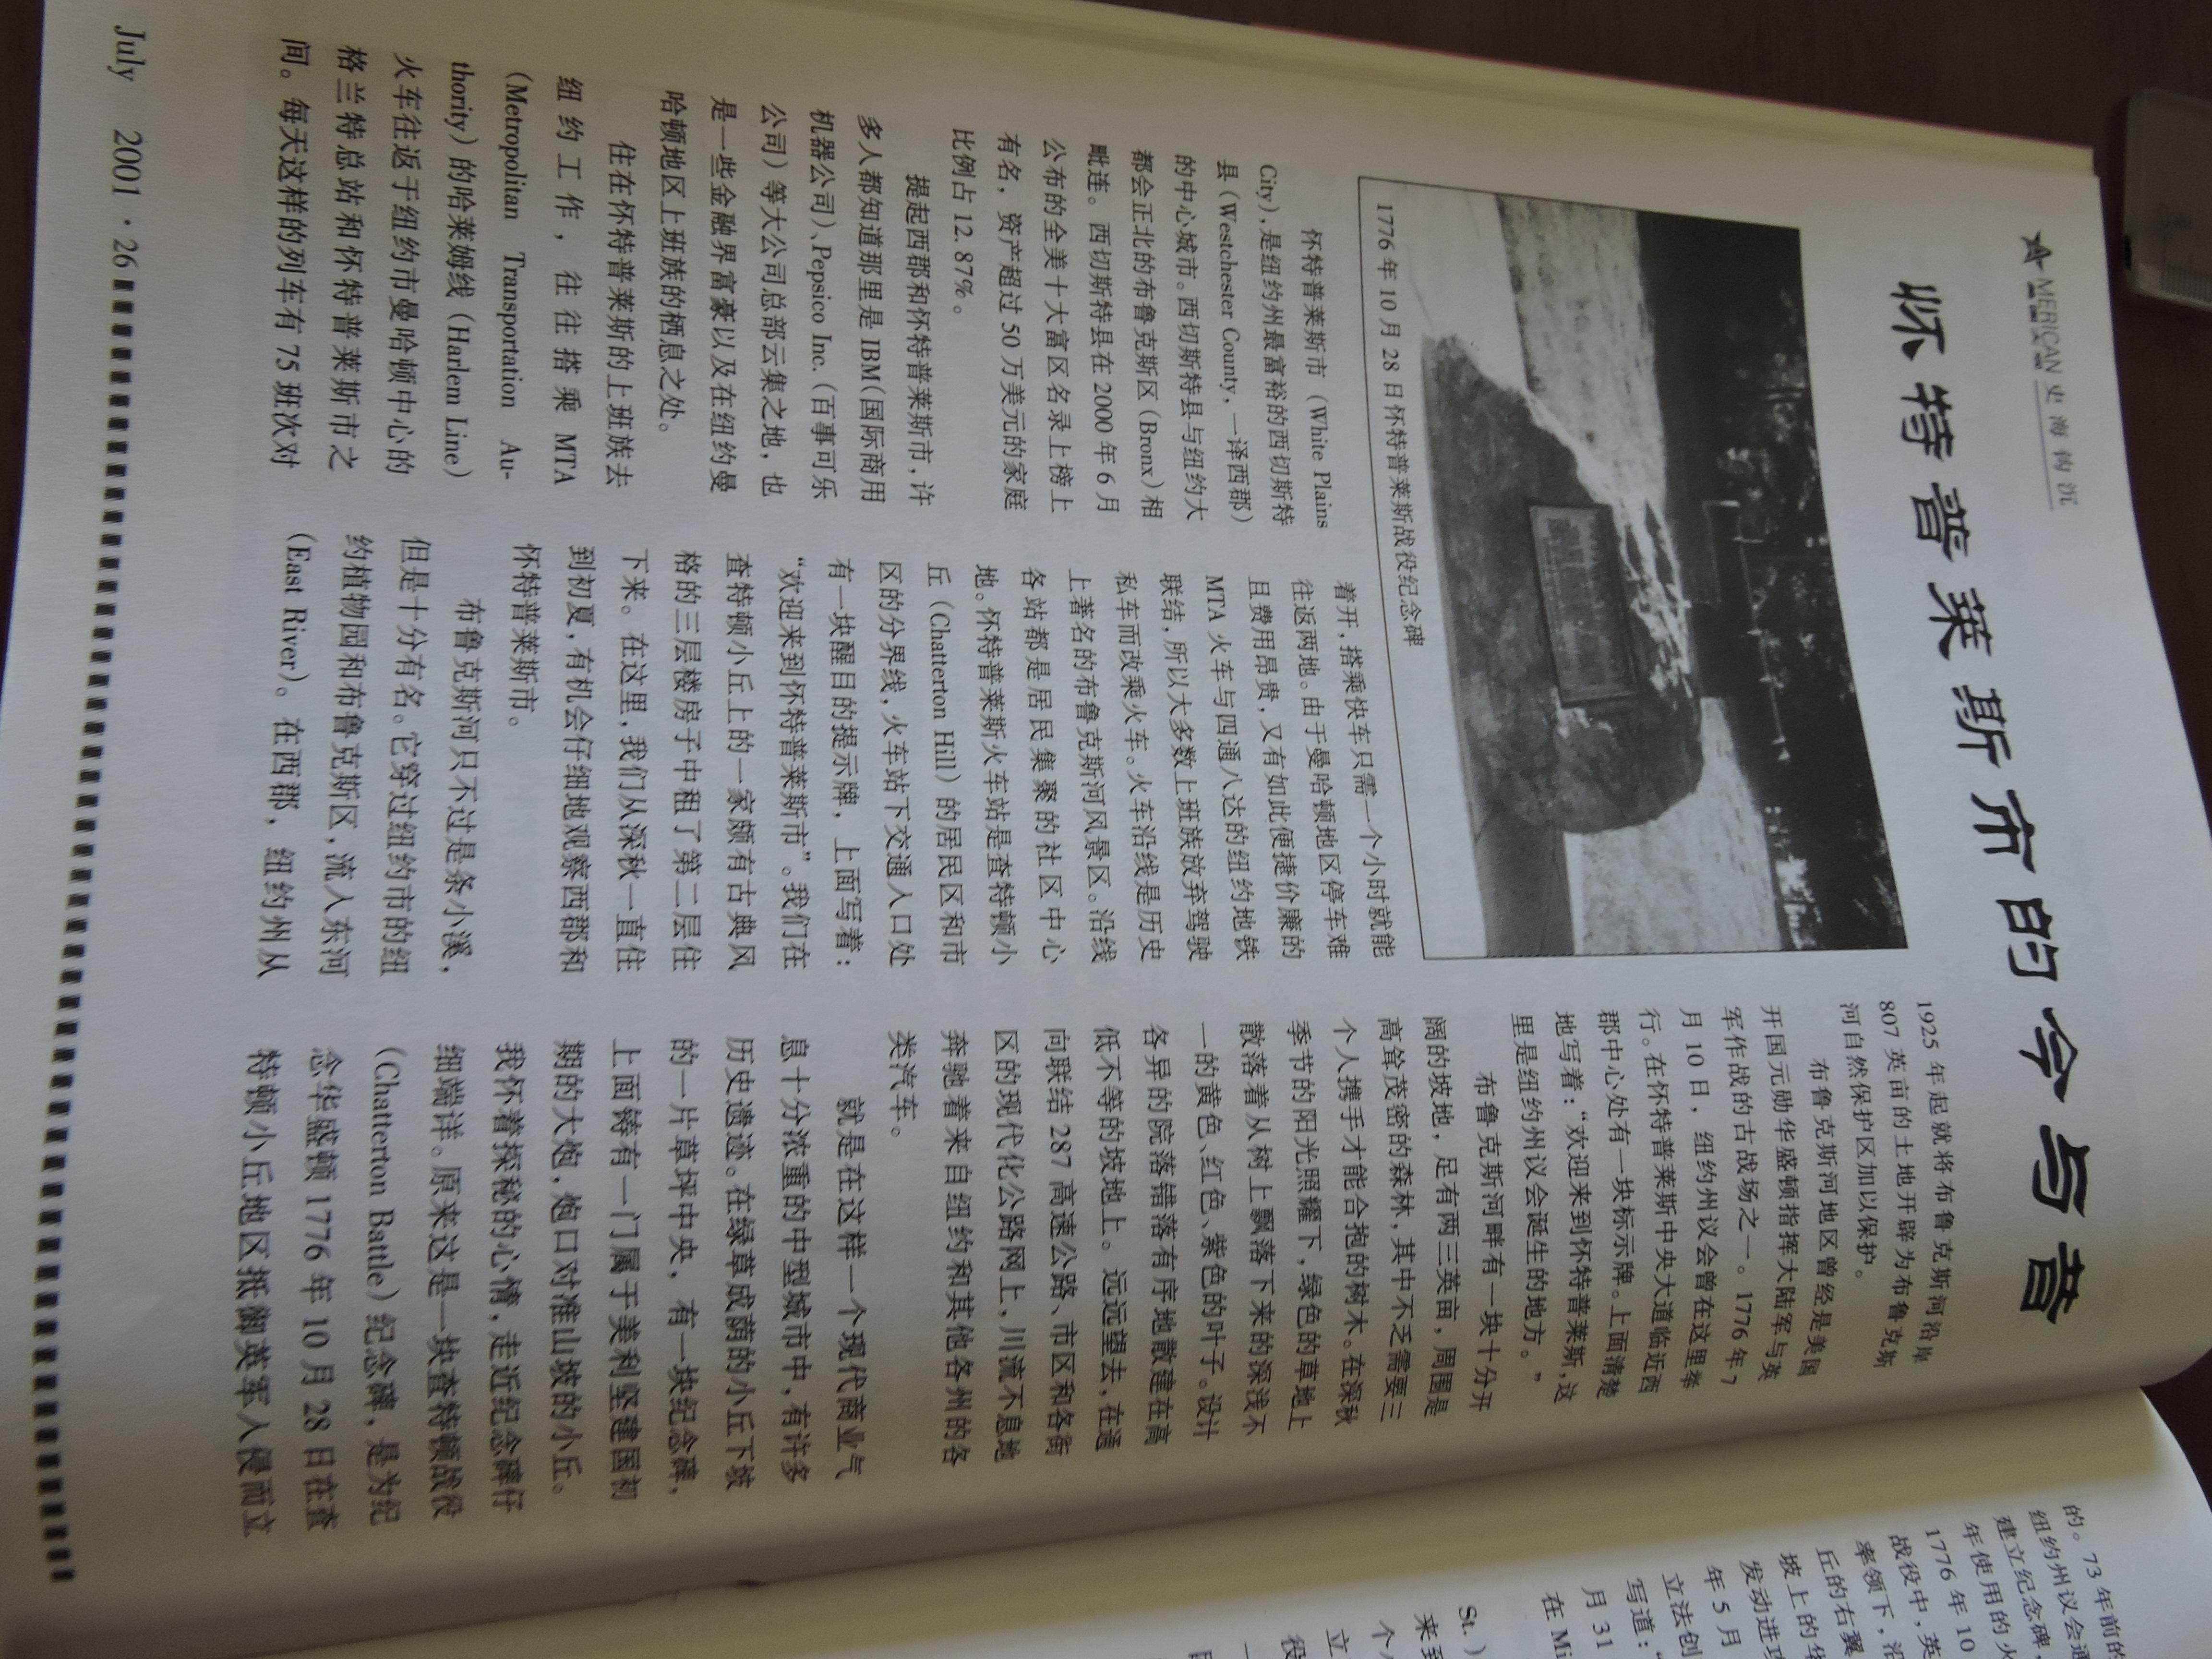 DSCN9208.JPG